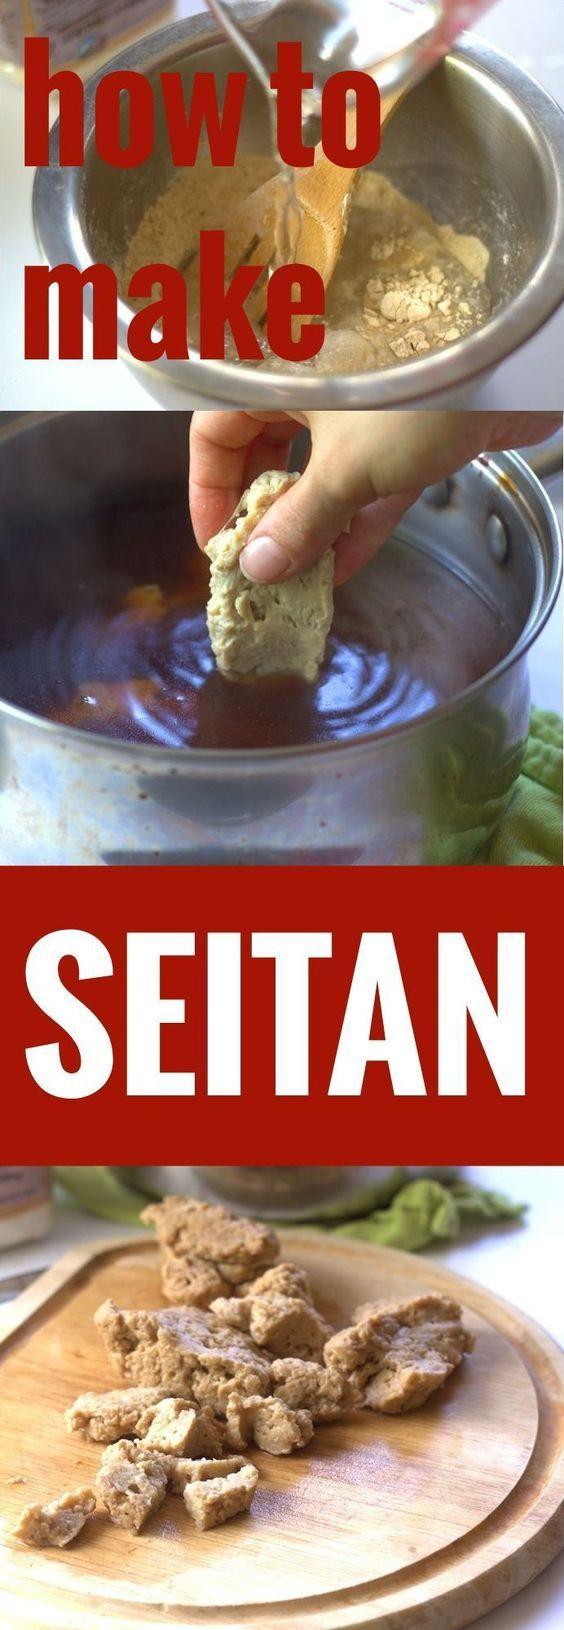 How to Make Seitan #vegan